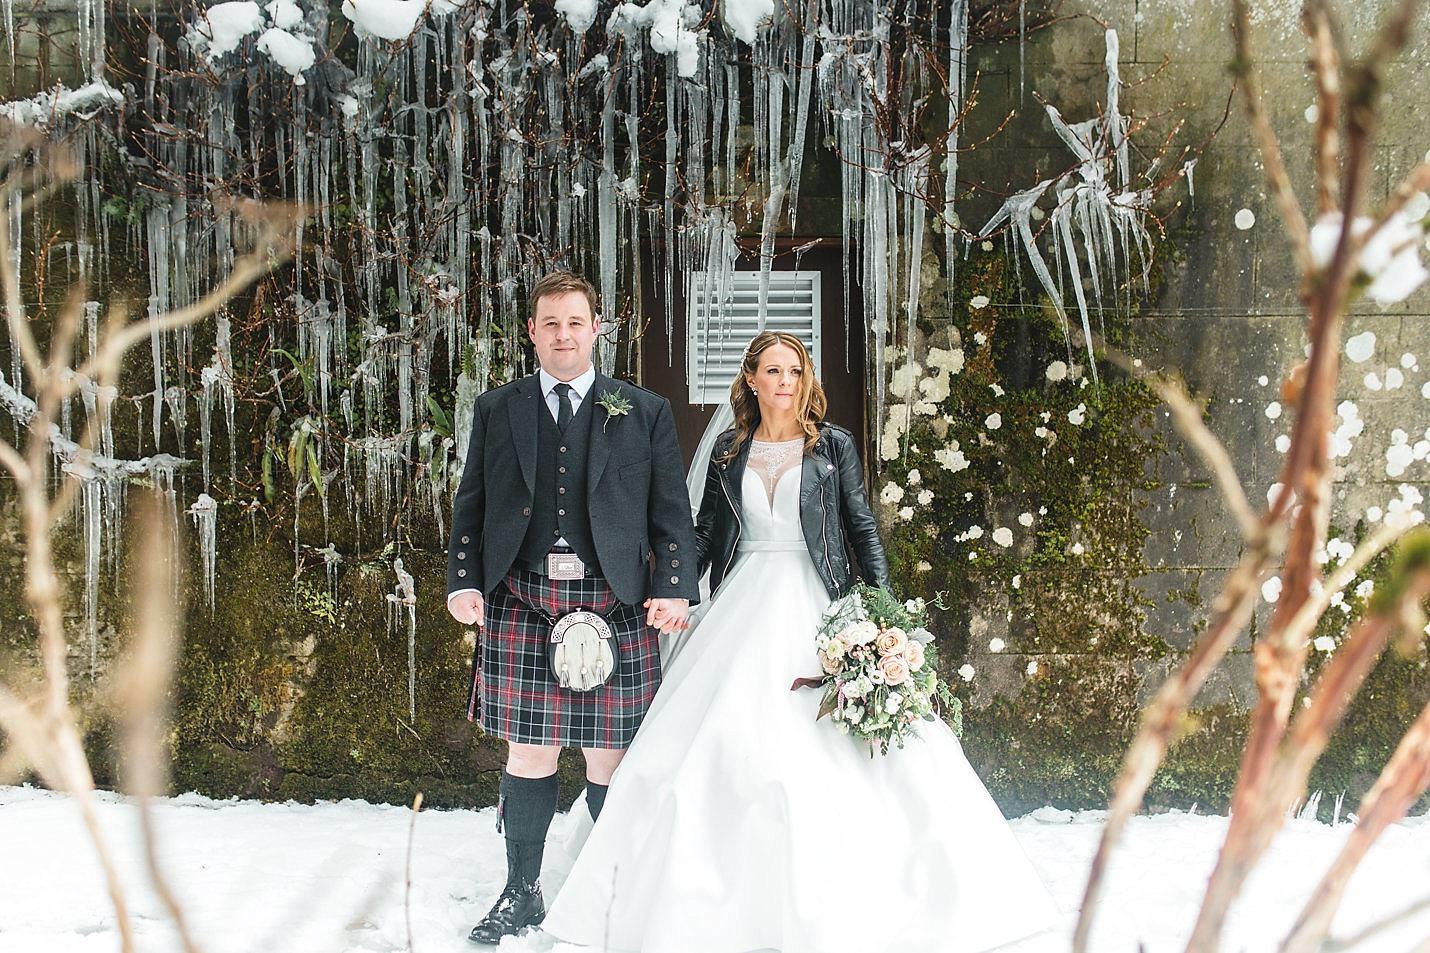 b3b2c40ae88388 A snowy winter wedding on the shores of Loch Lomond